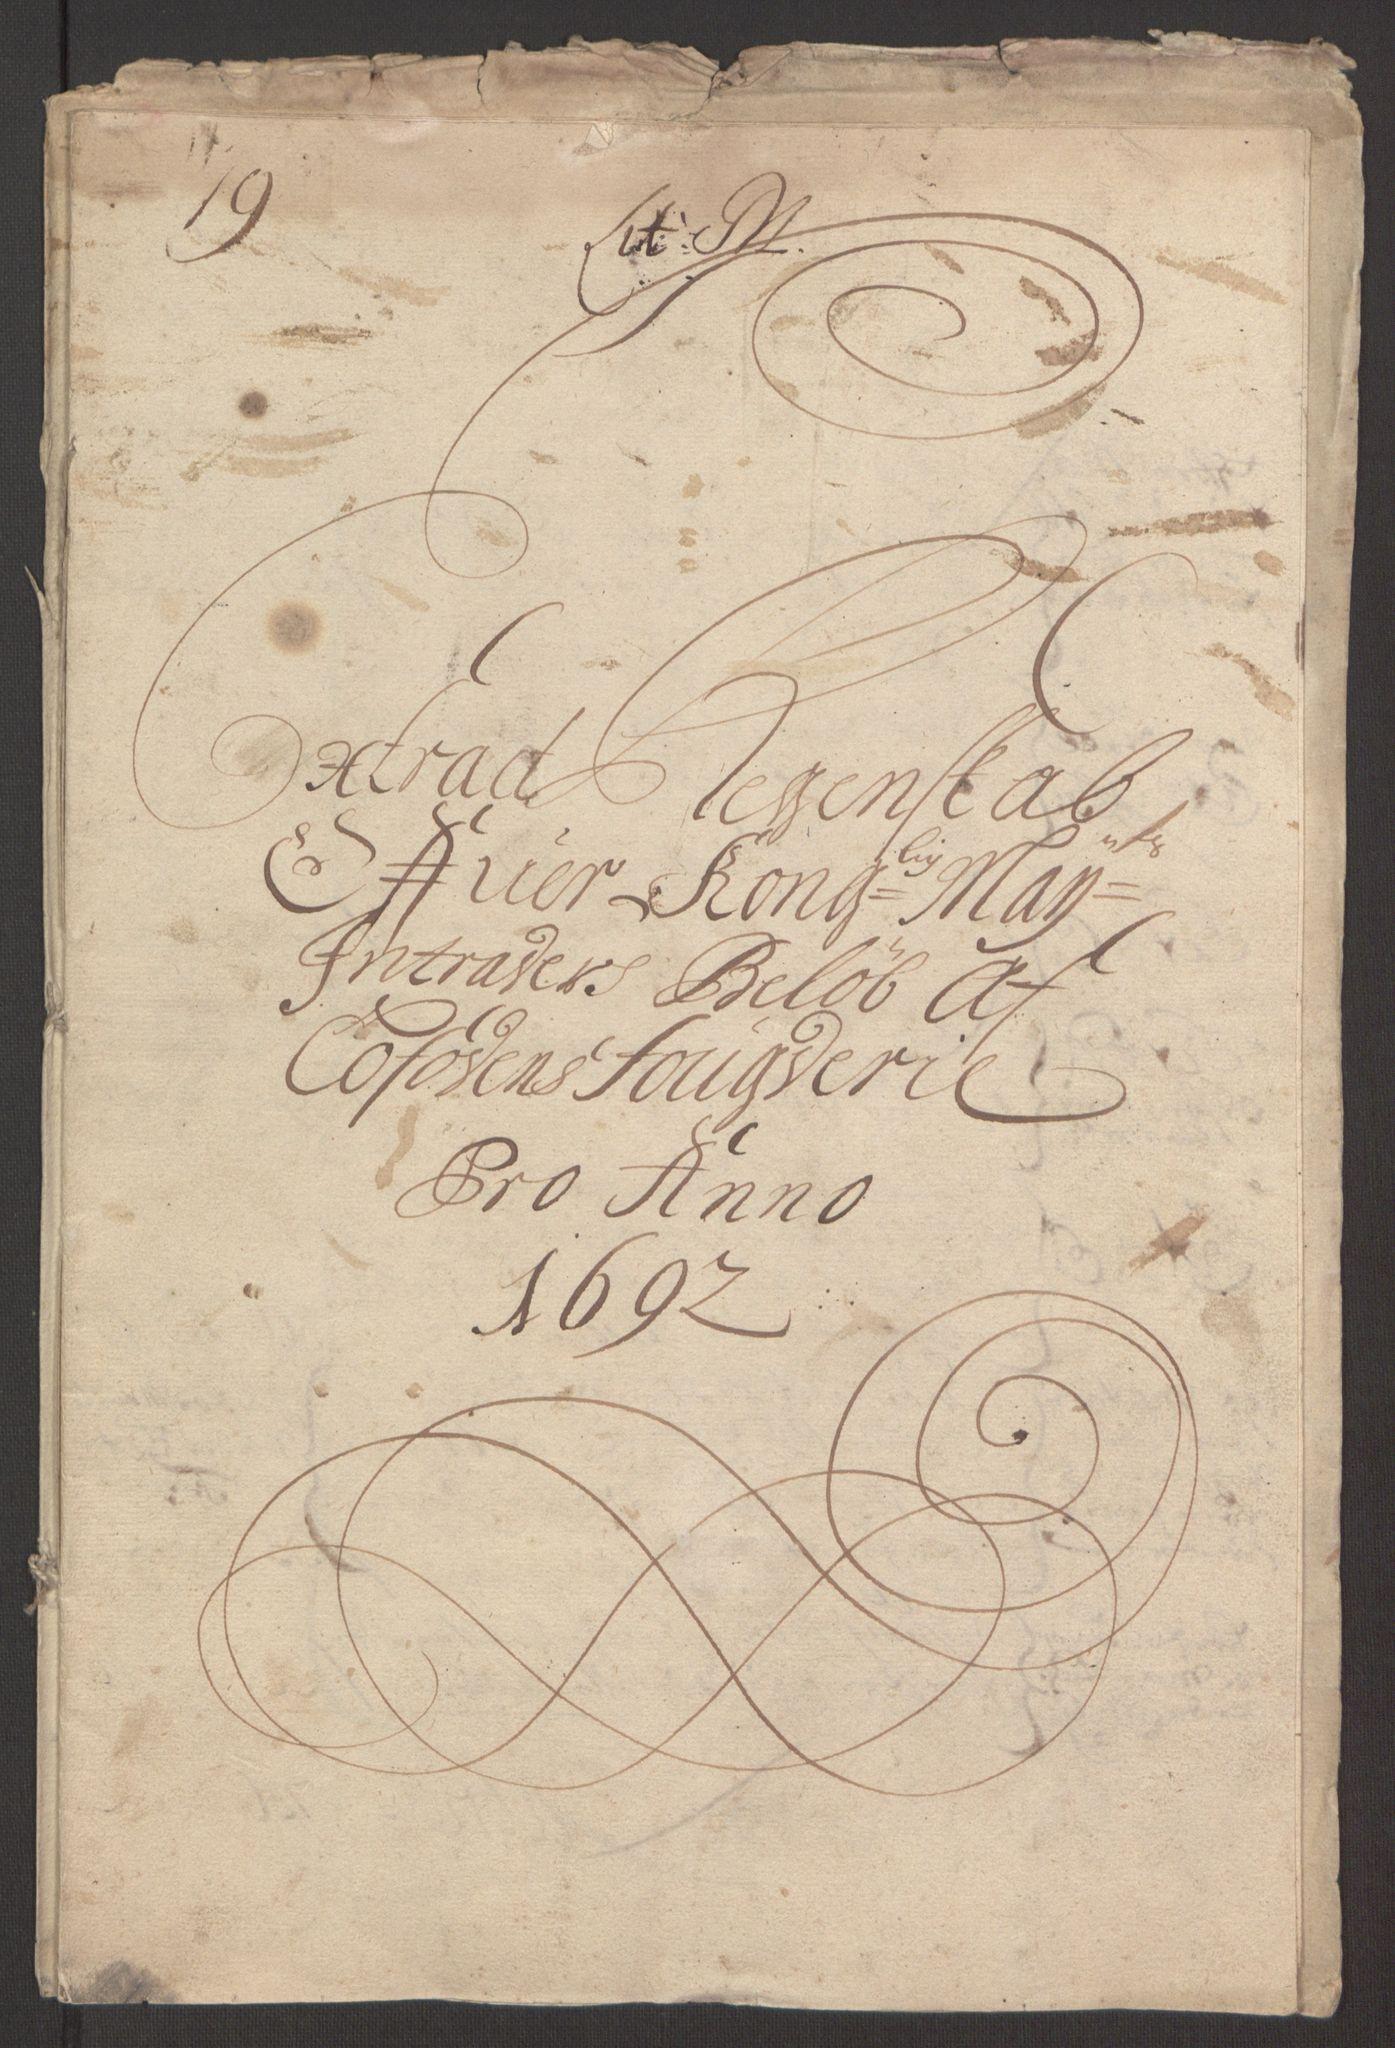 RA, Rentekammeret inntil 1814, Reviderte regnskaper, Fogderegnskap, R67/L4675: Fogderegnskap Vesterålen, Andenes og Lofoten, 1691-1693, s. 111